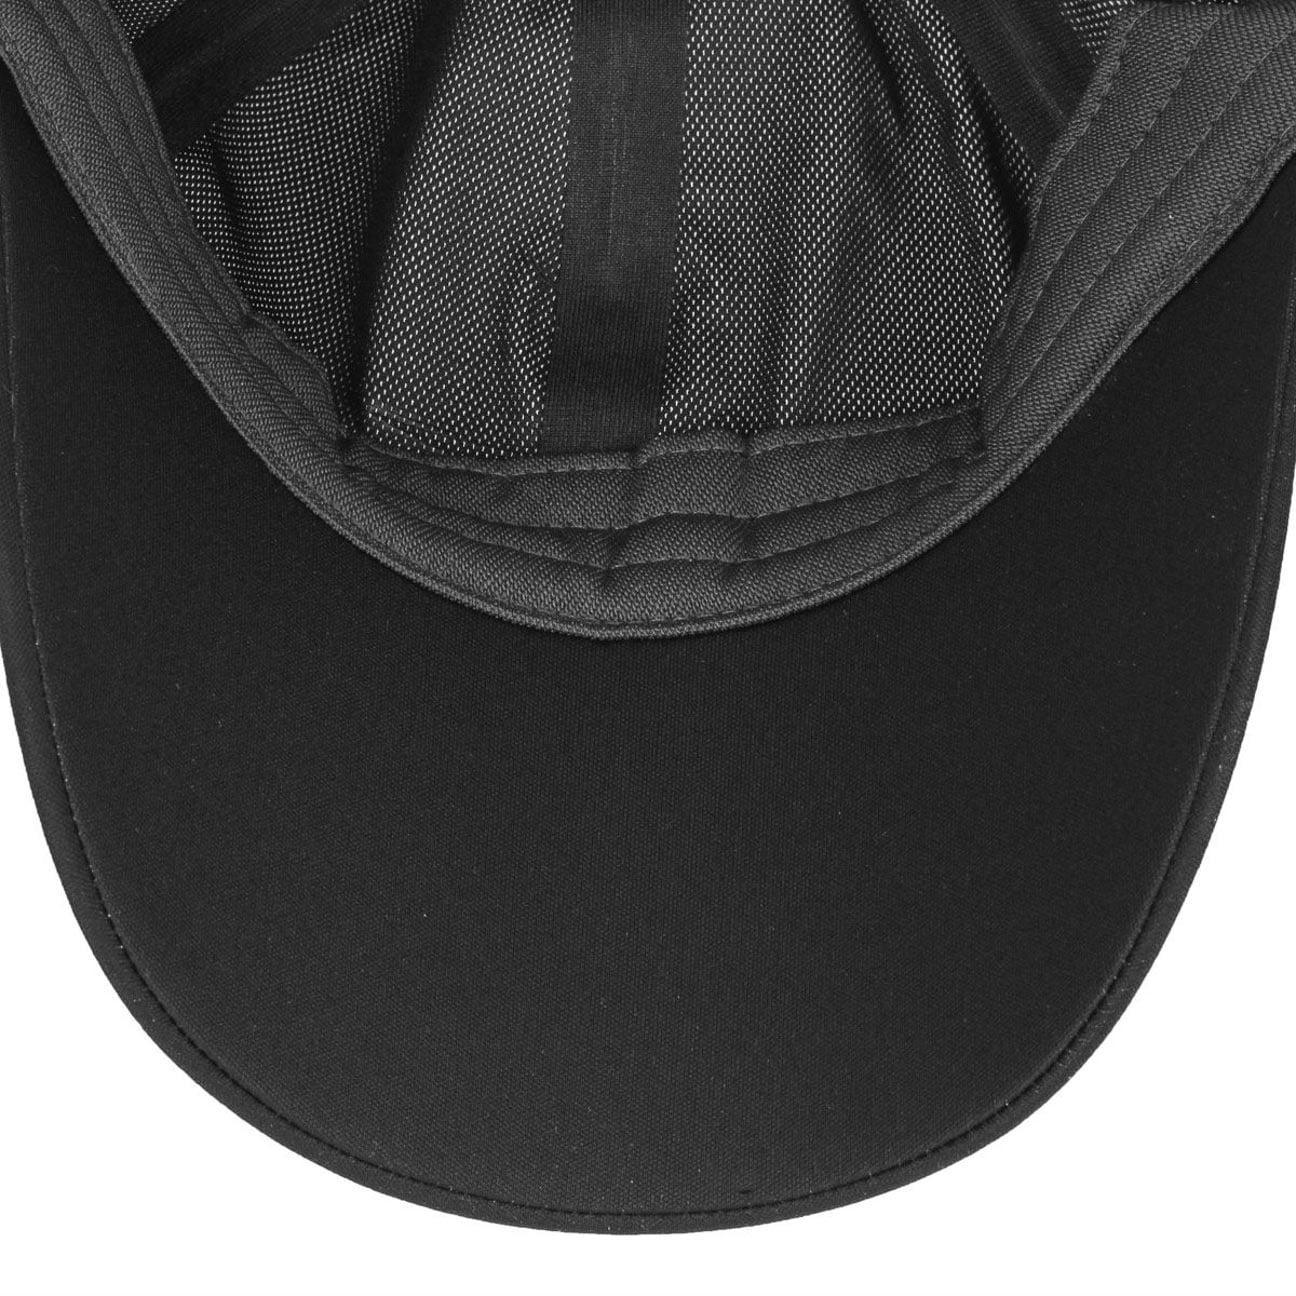 c2747e4f955 ... Storm-Fit Tour Golf Cap by Nike - black 4 ...